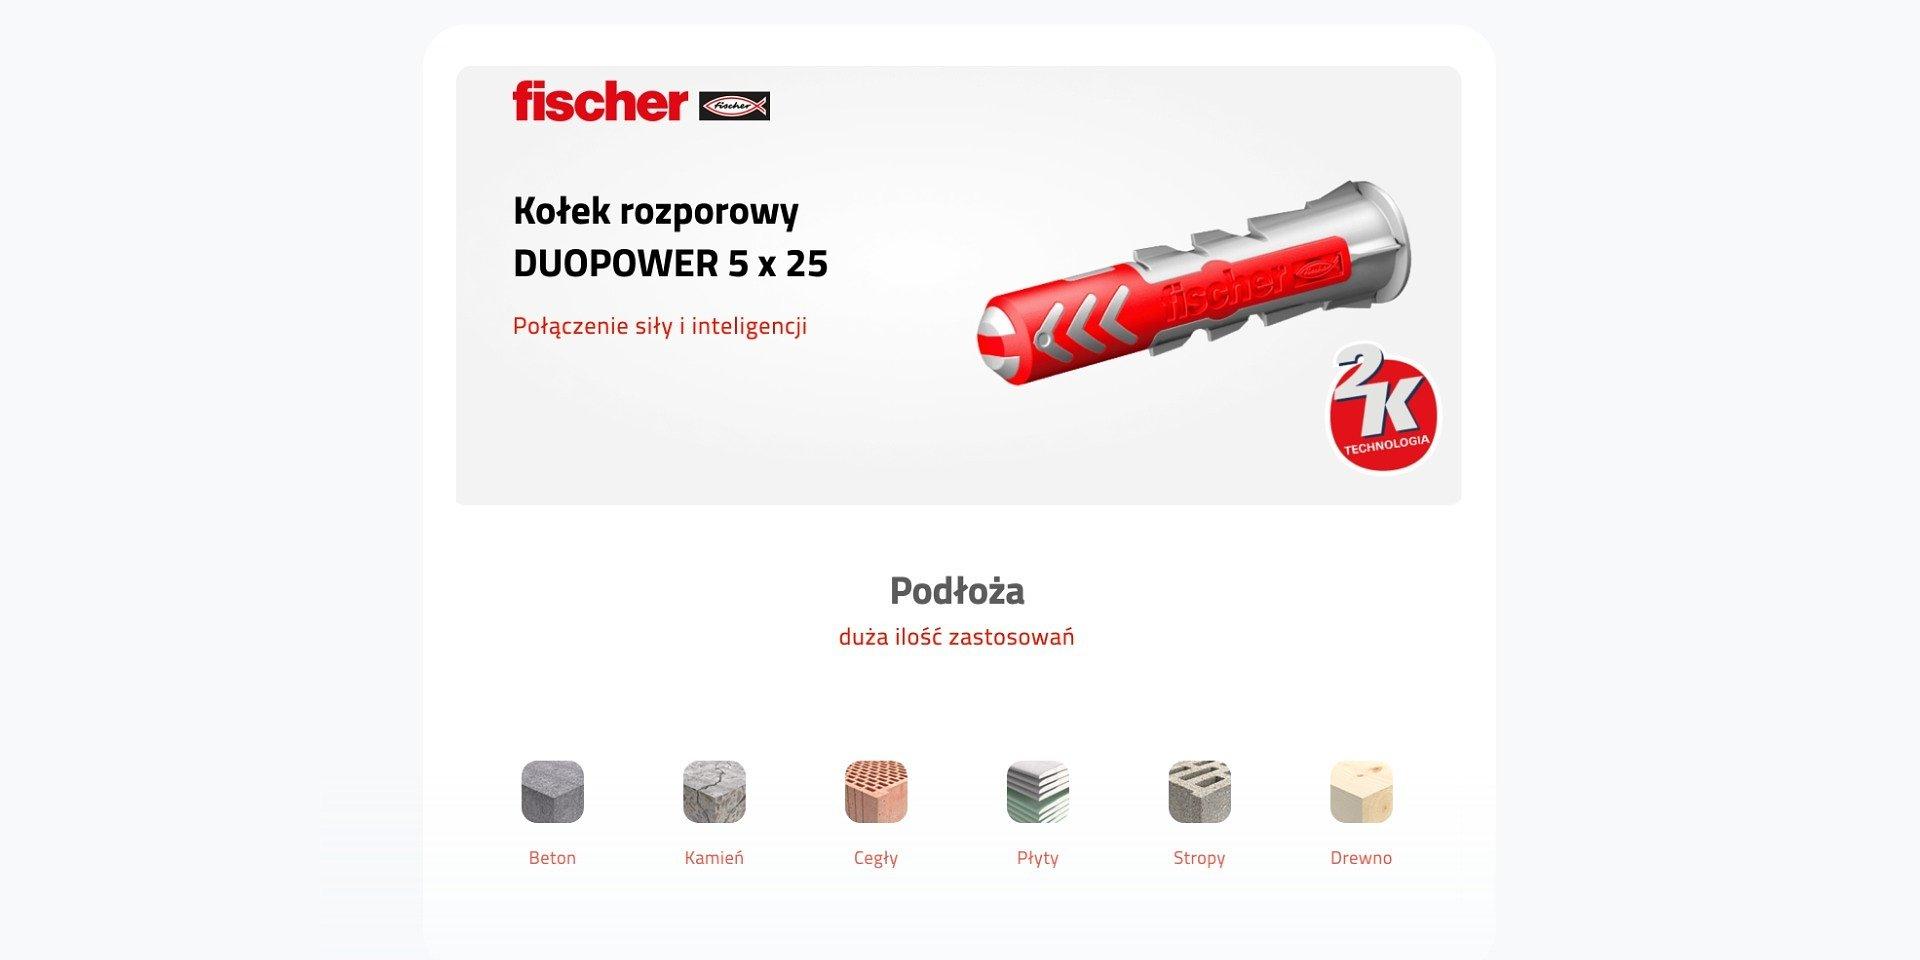 Marka fischer otwiera się na rich content - skuteczną odpowiedź marki i sklepów na zmieniające się trendy zakupowe w e-commerce